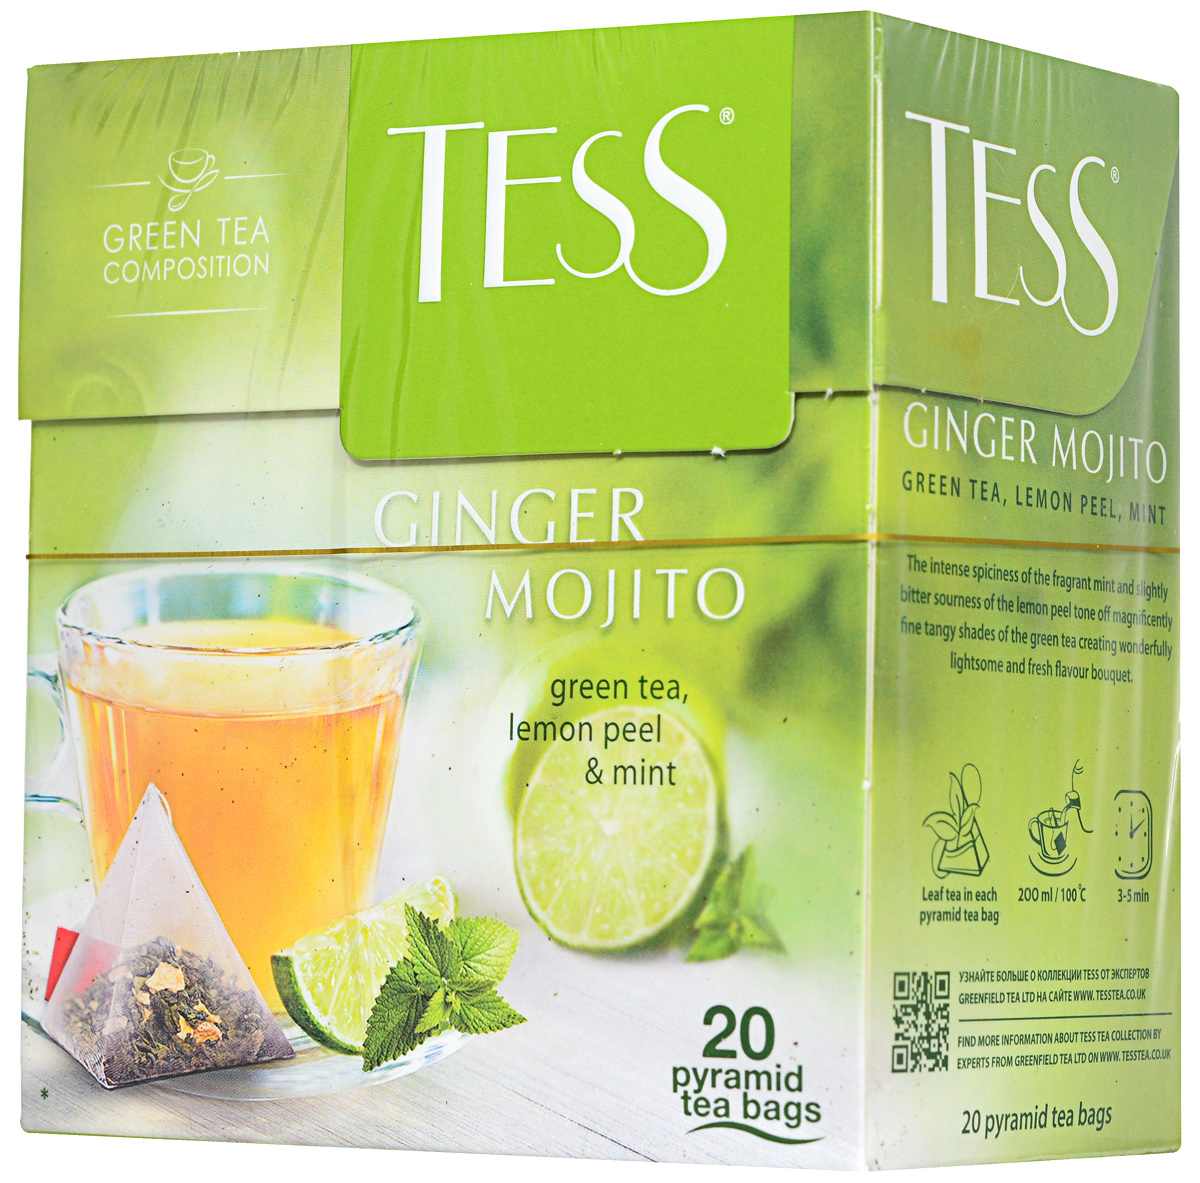 Tess Ginger Mojito зеленый чай в пирамидках с цедрой лимона и мятой, 20 шт101246Насыщенная пряность душистой мяты и горьковатая кислинка лимонной цедры в Tess Ginger Mojito великолепно оттеняют тонкие терпкие ноты зеленого чая, создавая удивительно легкий и свежий вкусовой букет.